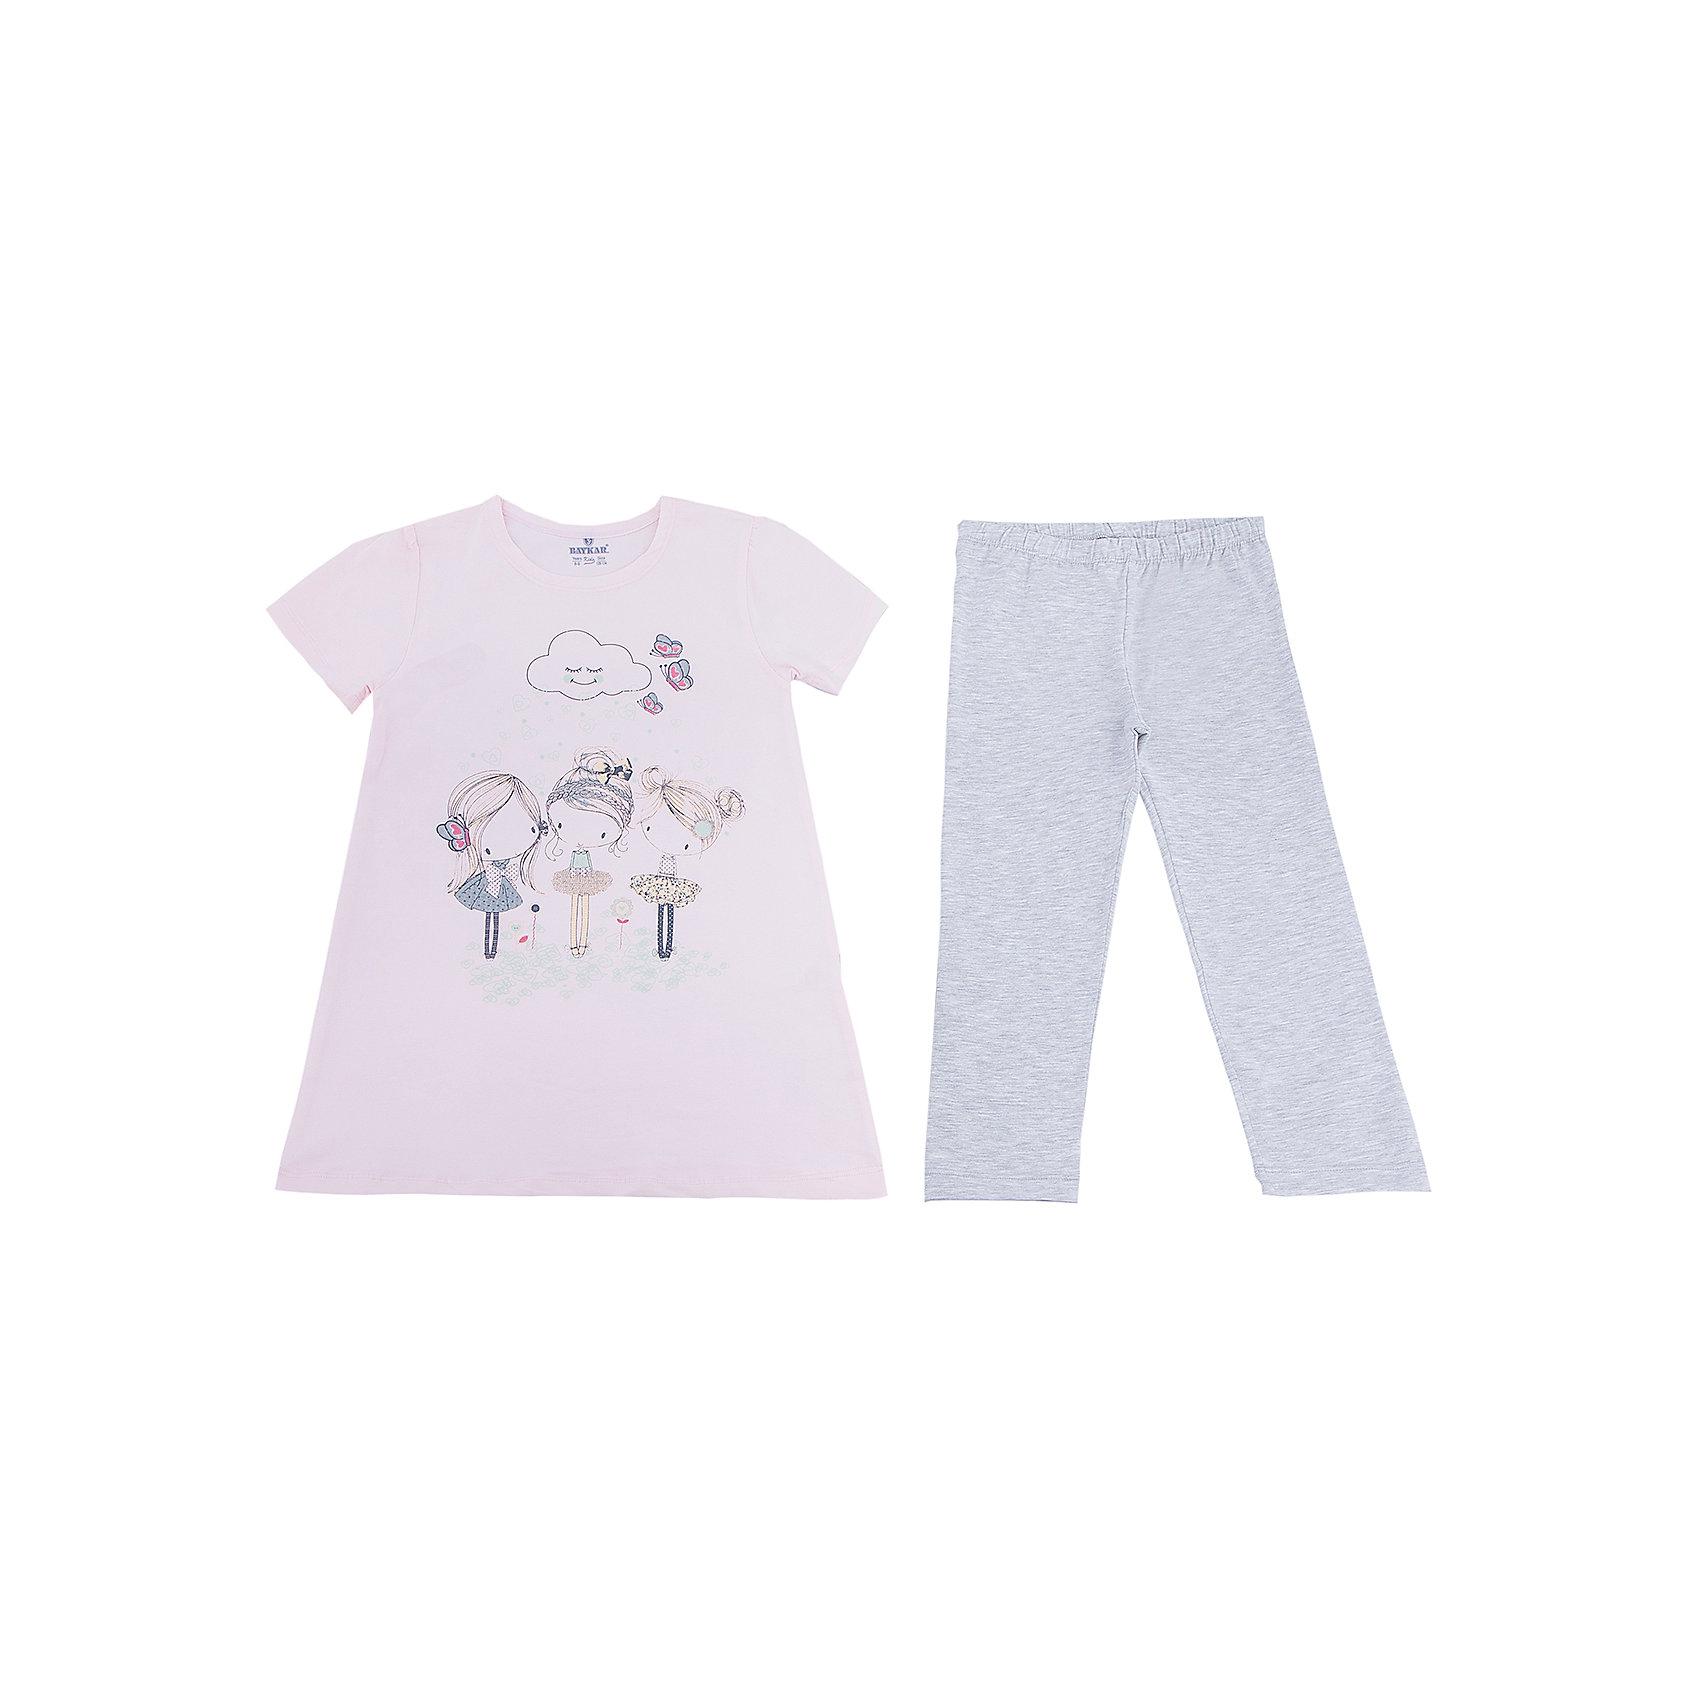 Пижама для девочки BaykarПижамы и сорочки<br>Характеристики товара:<br><br>• цвет: розовый<br>• состав ткани: 95% хлопок; 5% эластан<br>• комплектация: футболка, шорты<br>• пояс шорт: резинка<br>• сезон: круглый год<br>• страна бренда: Турция<br>• страна изготовитель: Турция<br><br>Розовая пижама для девочки позволяет обеспечить комфортный сон. Этот комплект для сна состоит из футболки и шорт, он сделан из мягкого дышащего материала. <br><br>Продуманный крой обеспечивает комфортную посадку. Пижама для девочки Baykar украшена симпатичным принтом.<br><br>Пижаму для девочки Baykar (Байкар) можно купить в нашем интернет-магазине.<br><br>Ширина мм: 281<br>Глубина мм: 70<br>Высота мм: 188<br>Вес г: 295<br>Цвет: розовый<br>Возраст от месяцев: 108<br>Возраст до месяцев: 120<br>Пол: Женский<br>Возраст: Детский<br>Размер: 134/140,140/146,122/128,128/134<br>SKU: 6764847